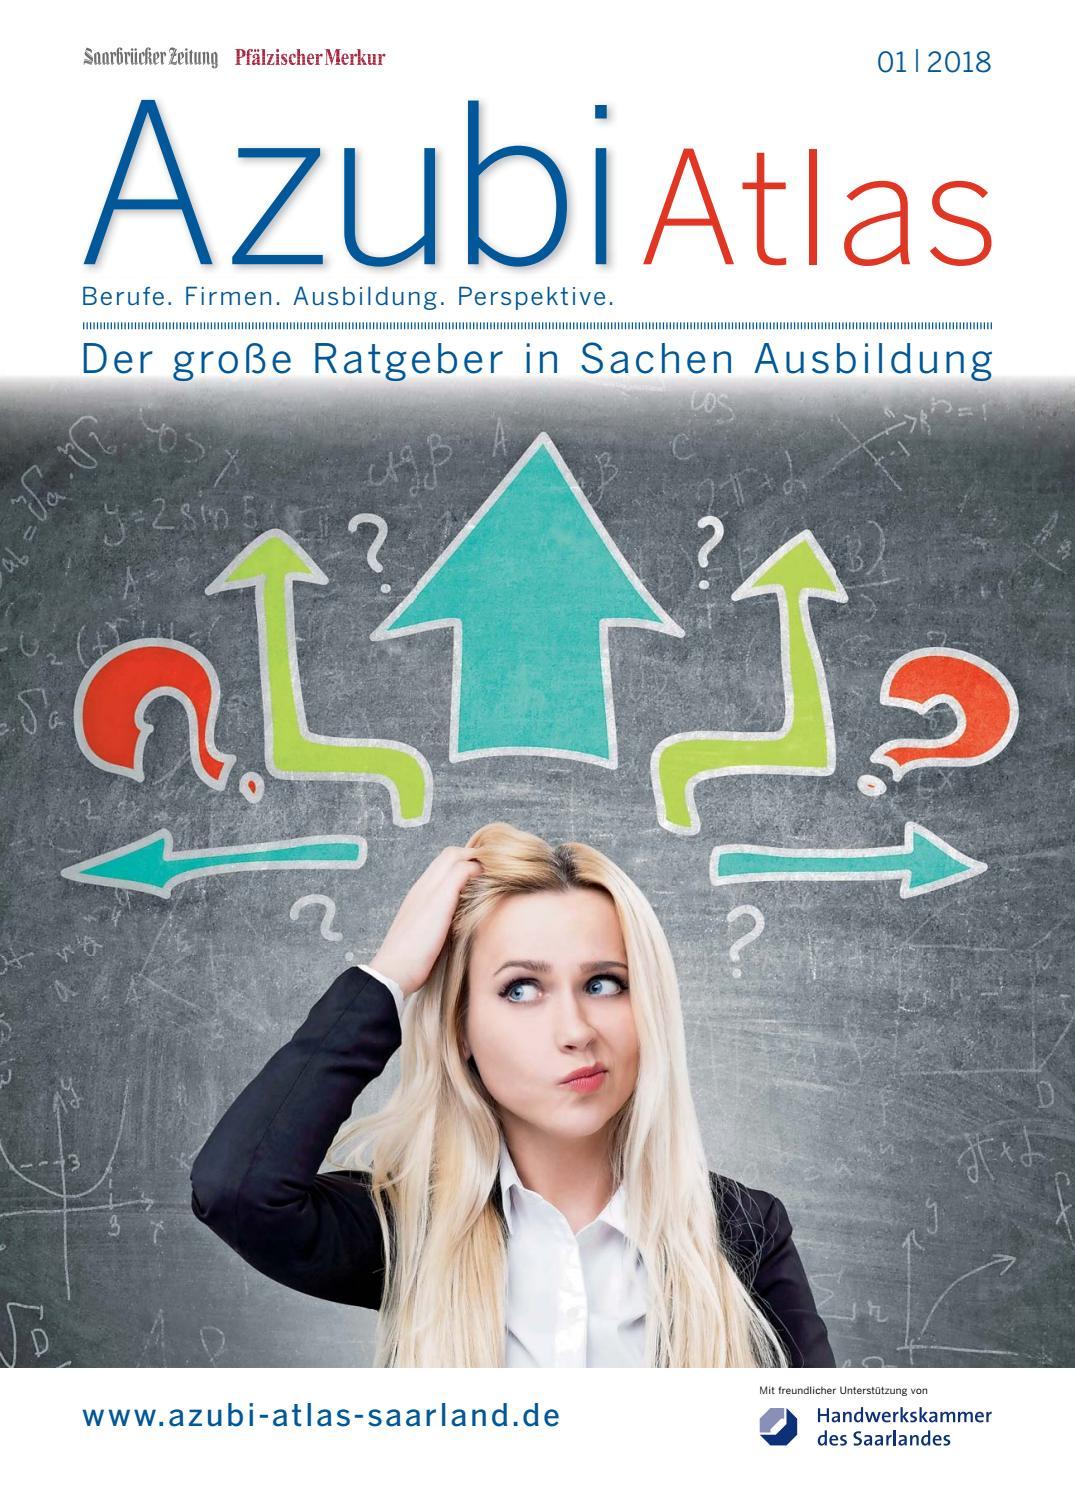 Azubiatlas 01|2018 by Saarbrücker VerlagsService GmbH - issuu